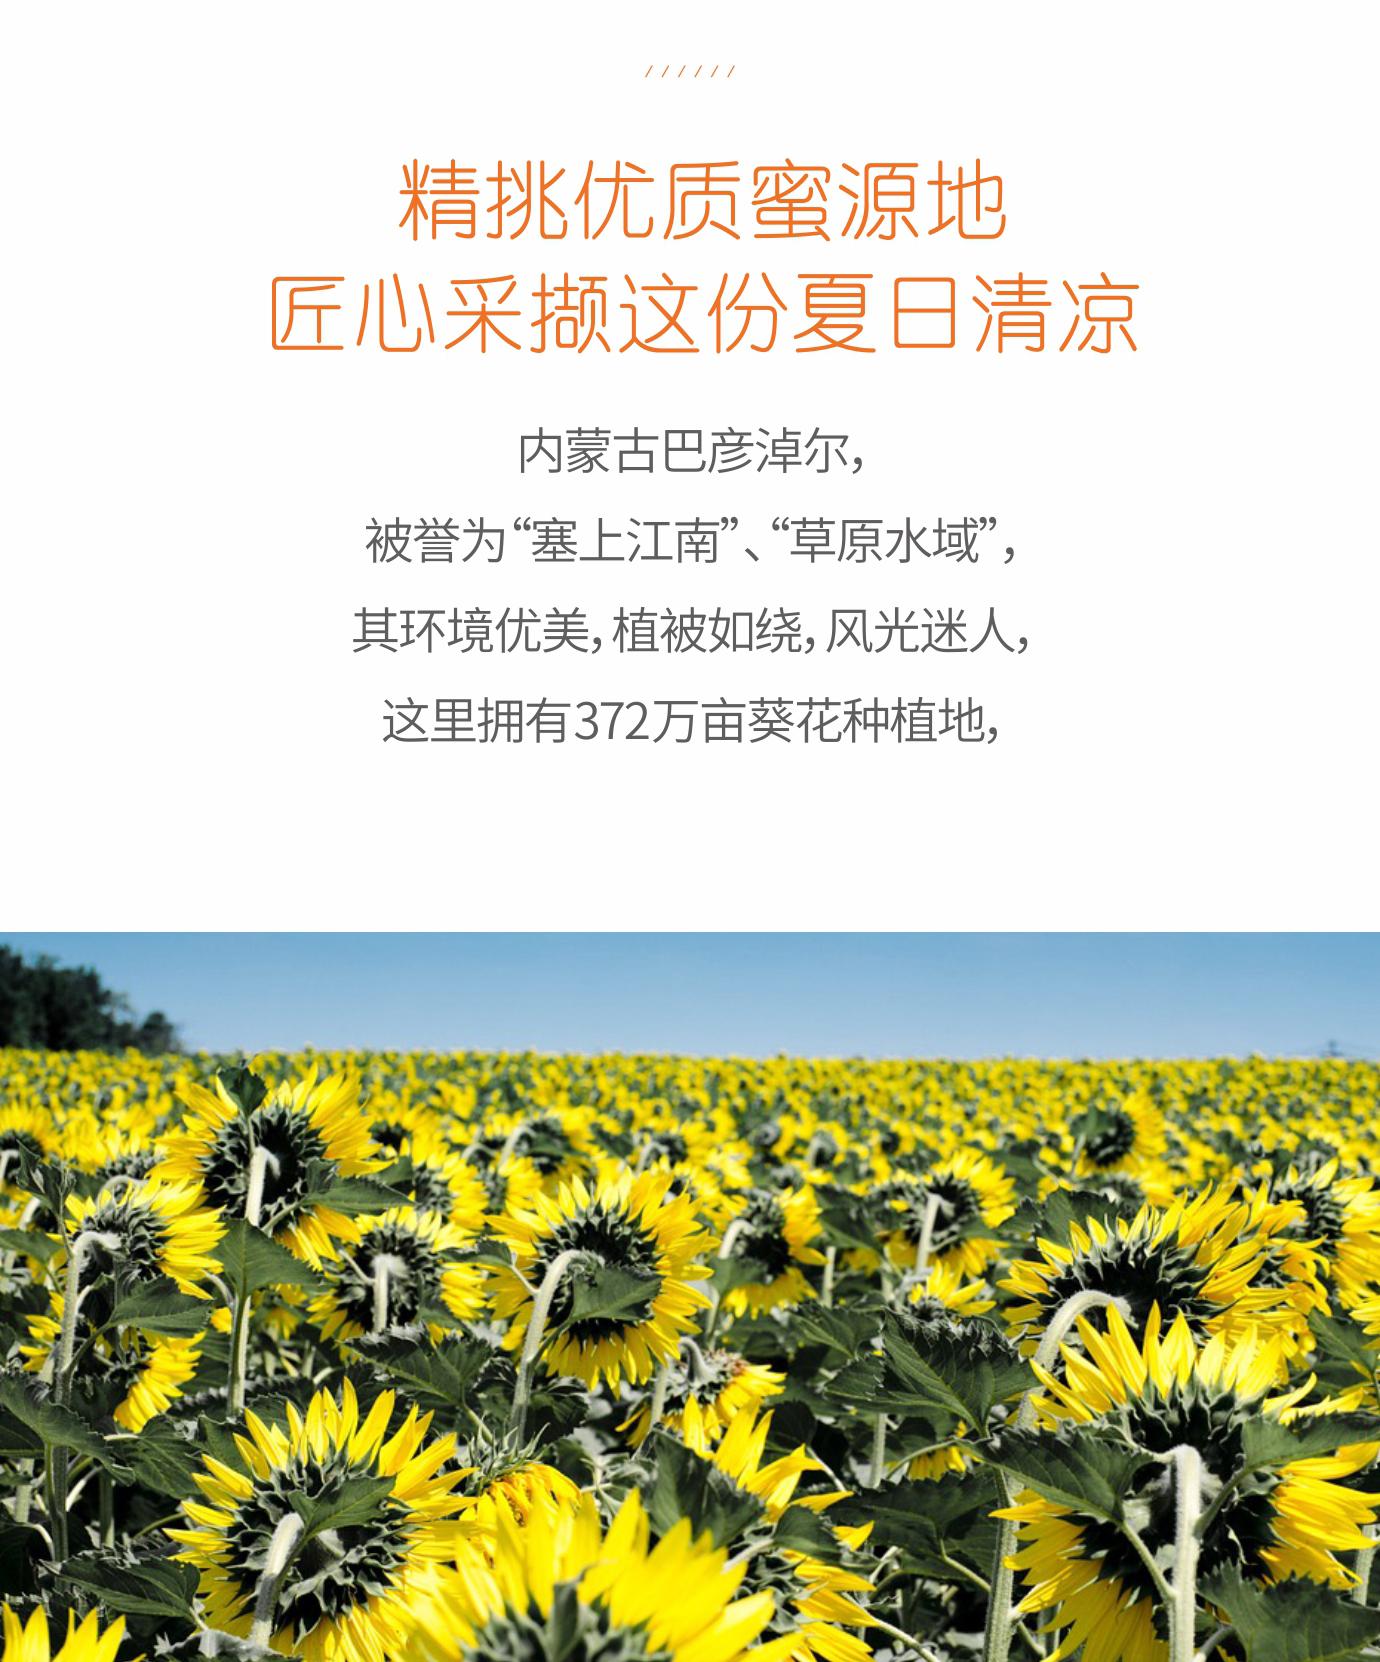 葵花蜂蜜3_14.jpg